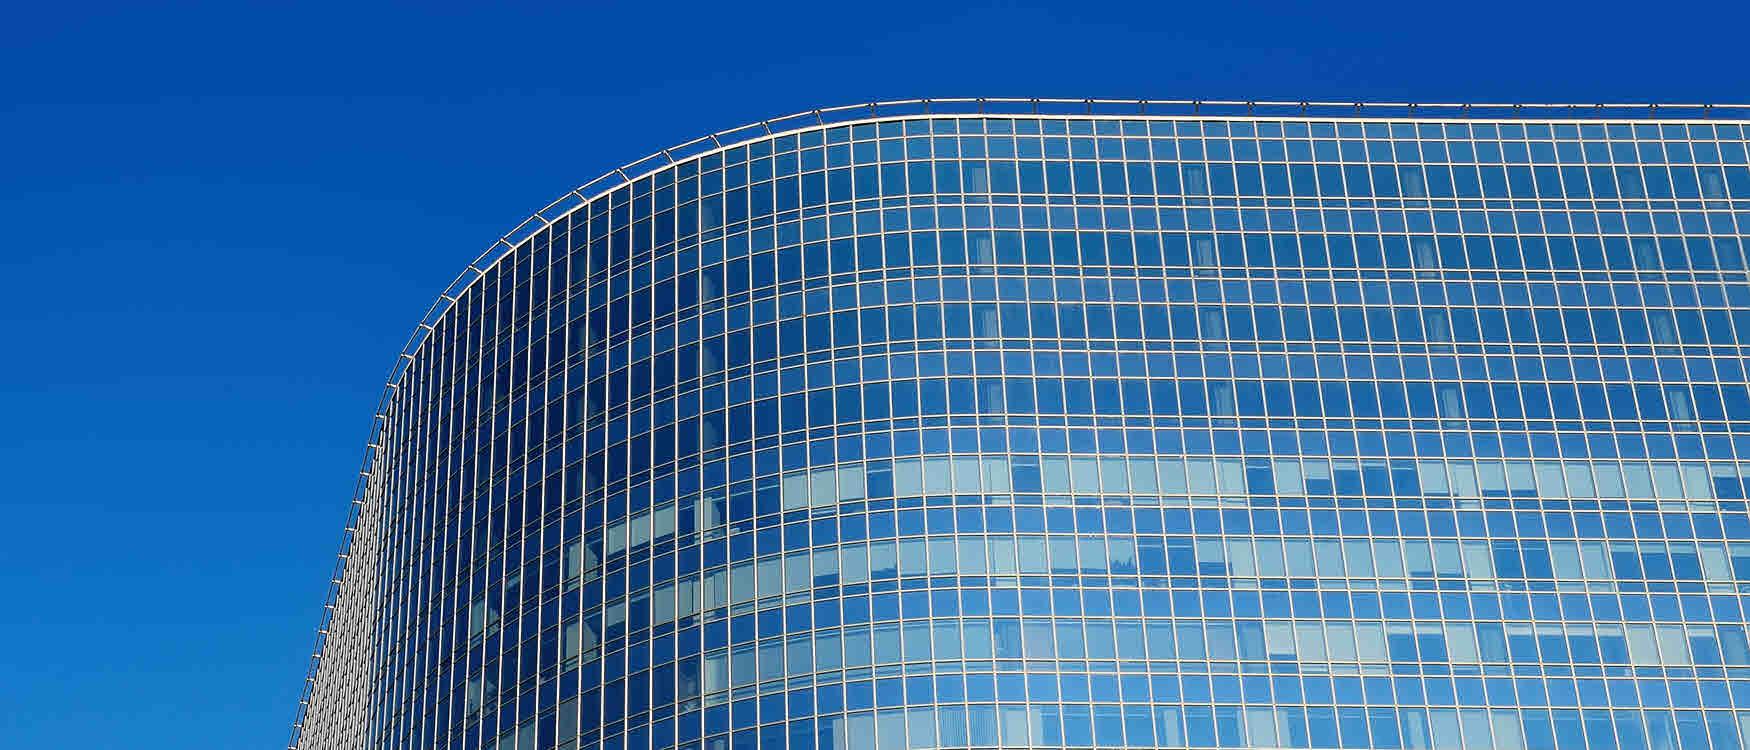 utiliteitsbouw - gevel van een kantoorgebouw berekenen